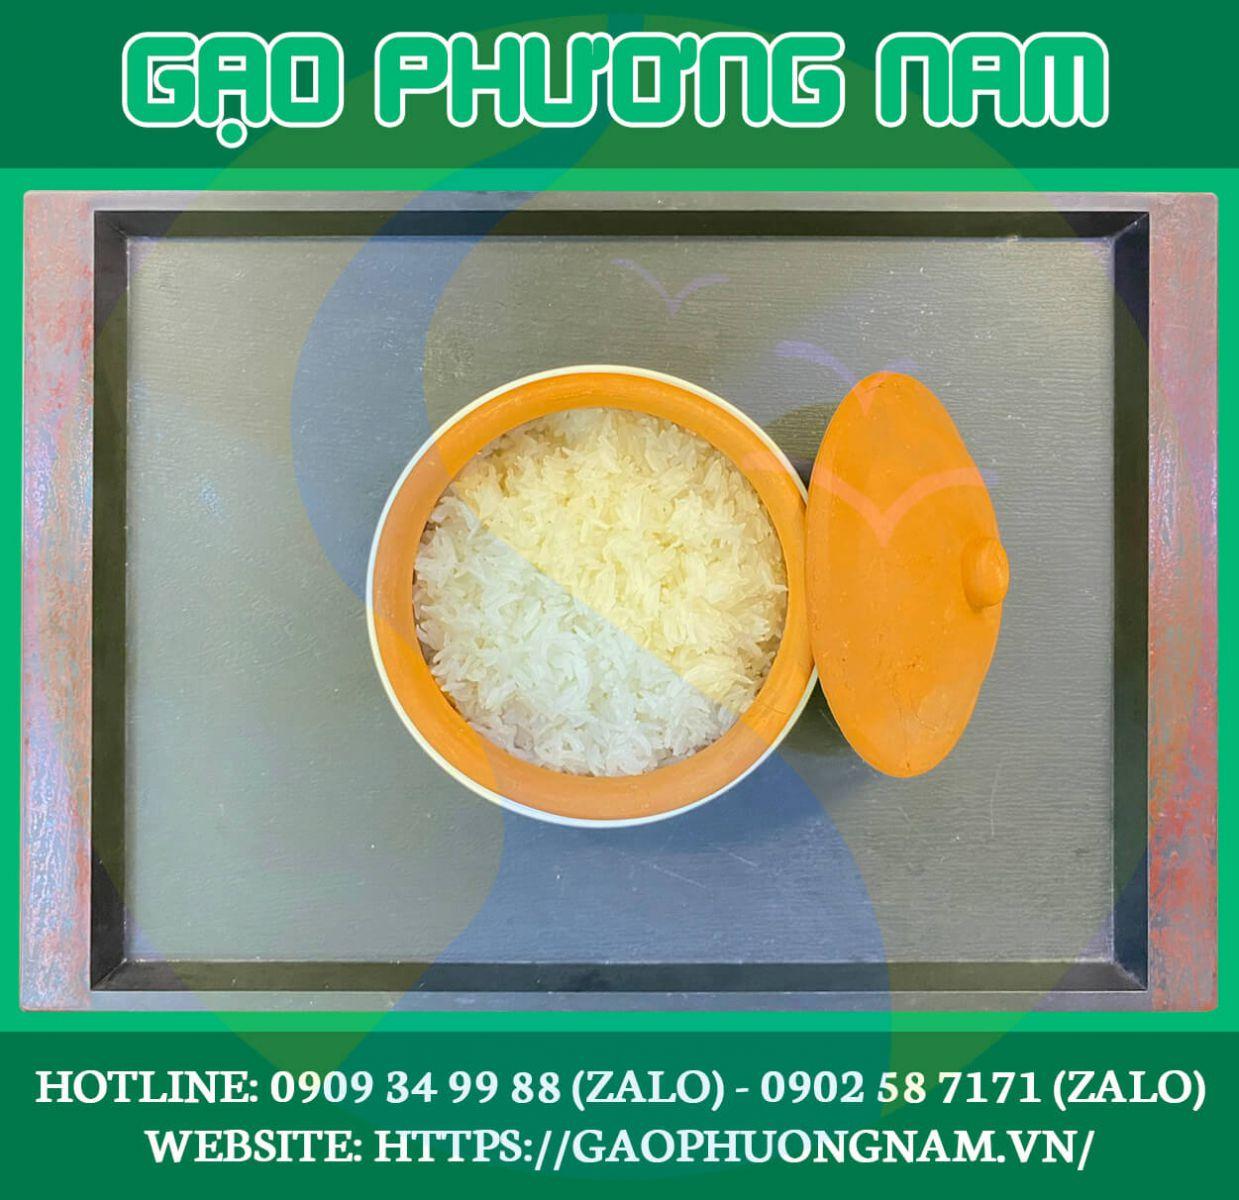 Cơm gạo ST24 đều hạt không kết dính, không bị tơi xốp sau khi nấu